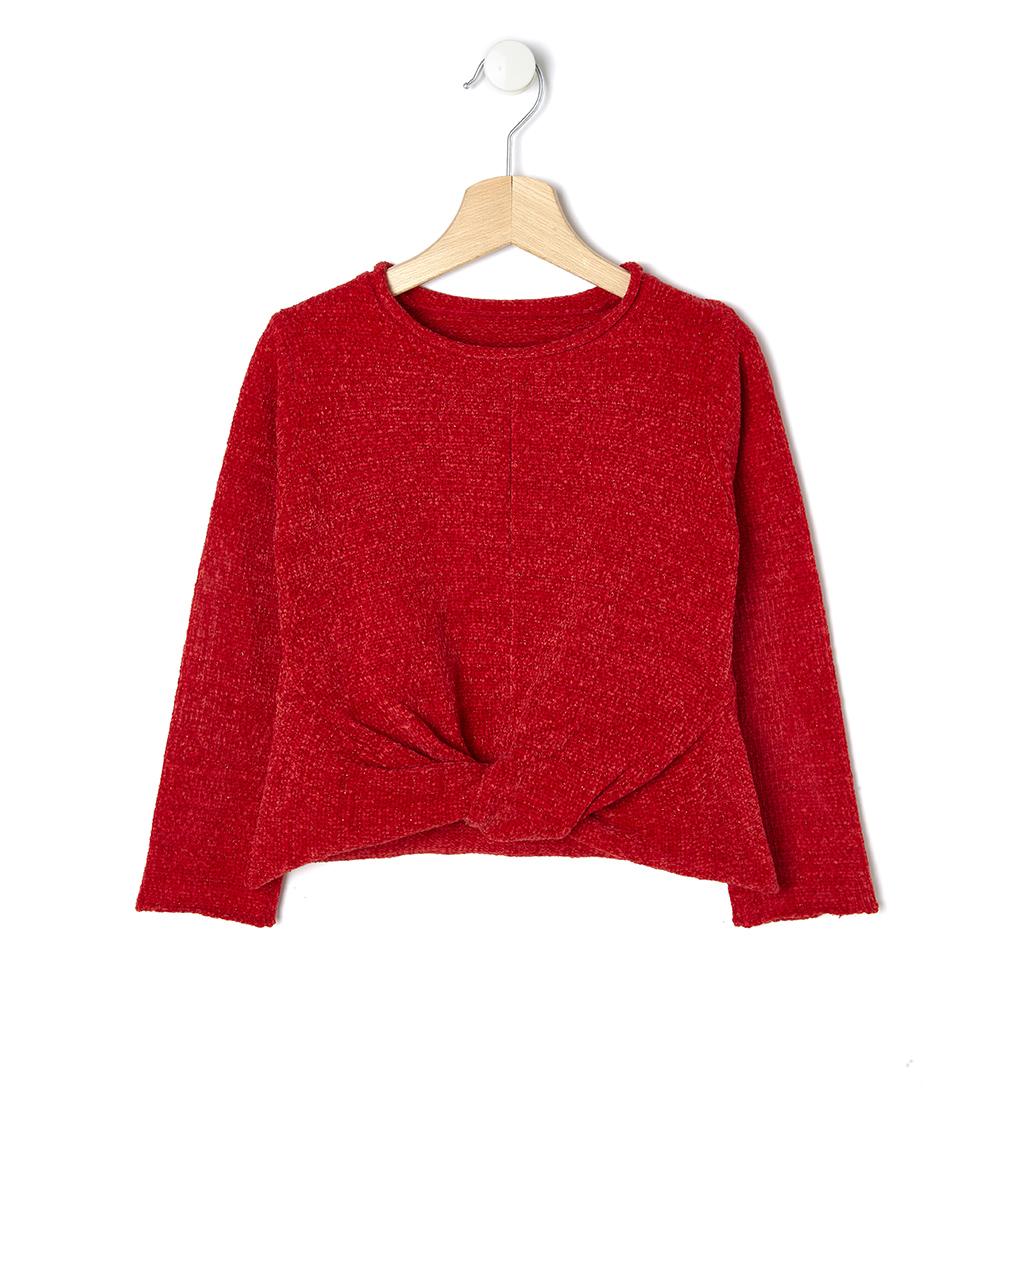 Μπλούζα Πλεκτή Σενίλ κόκκινη με Lurex για Κορίτσι